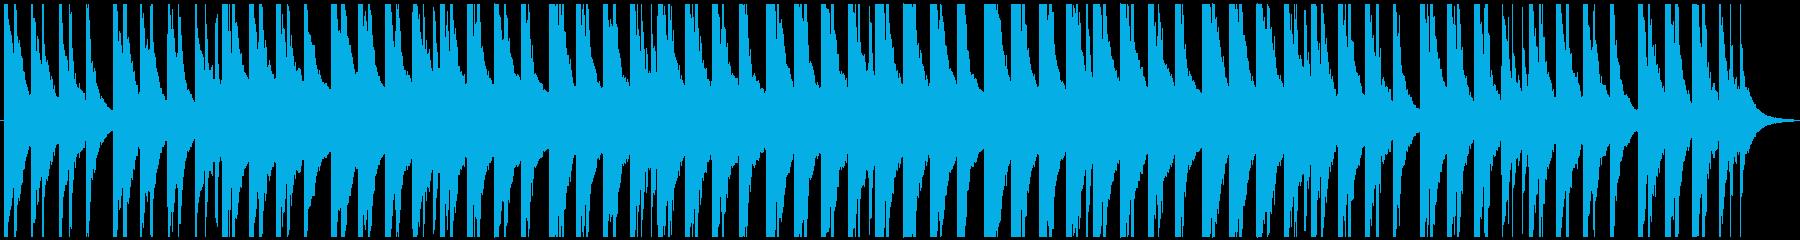 ピアノのバラード系BGMの再生済みの波形